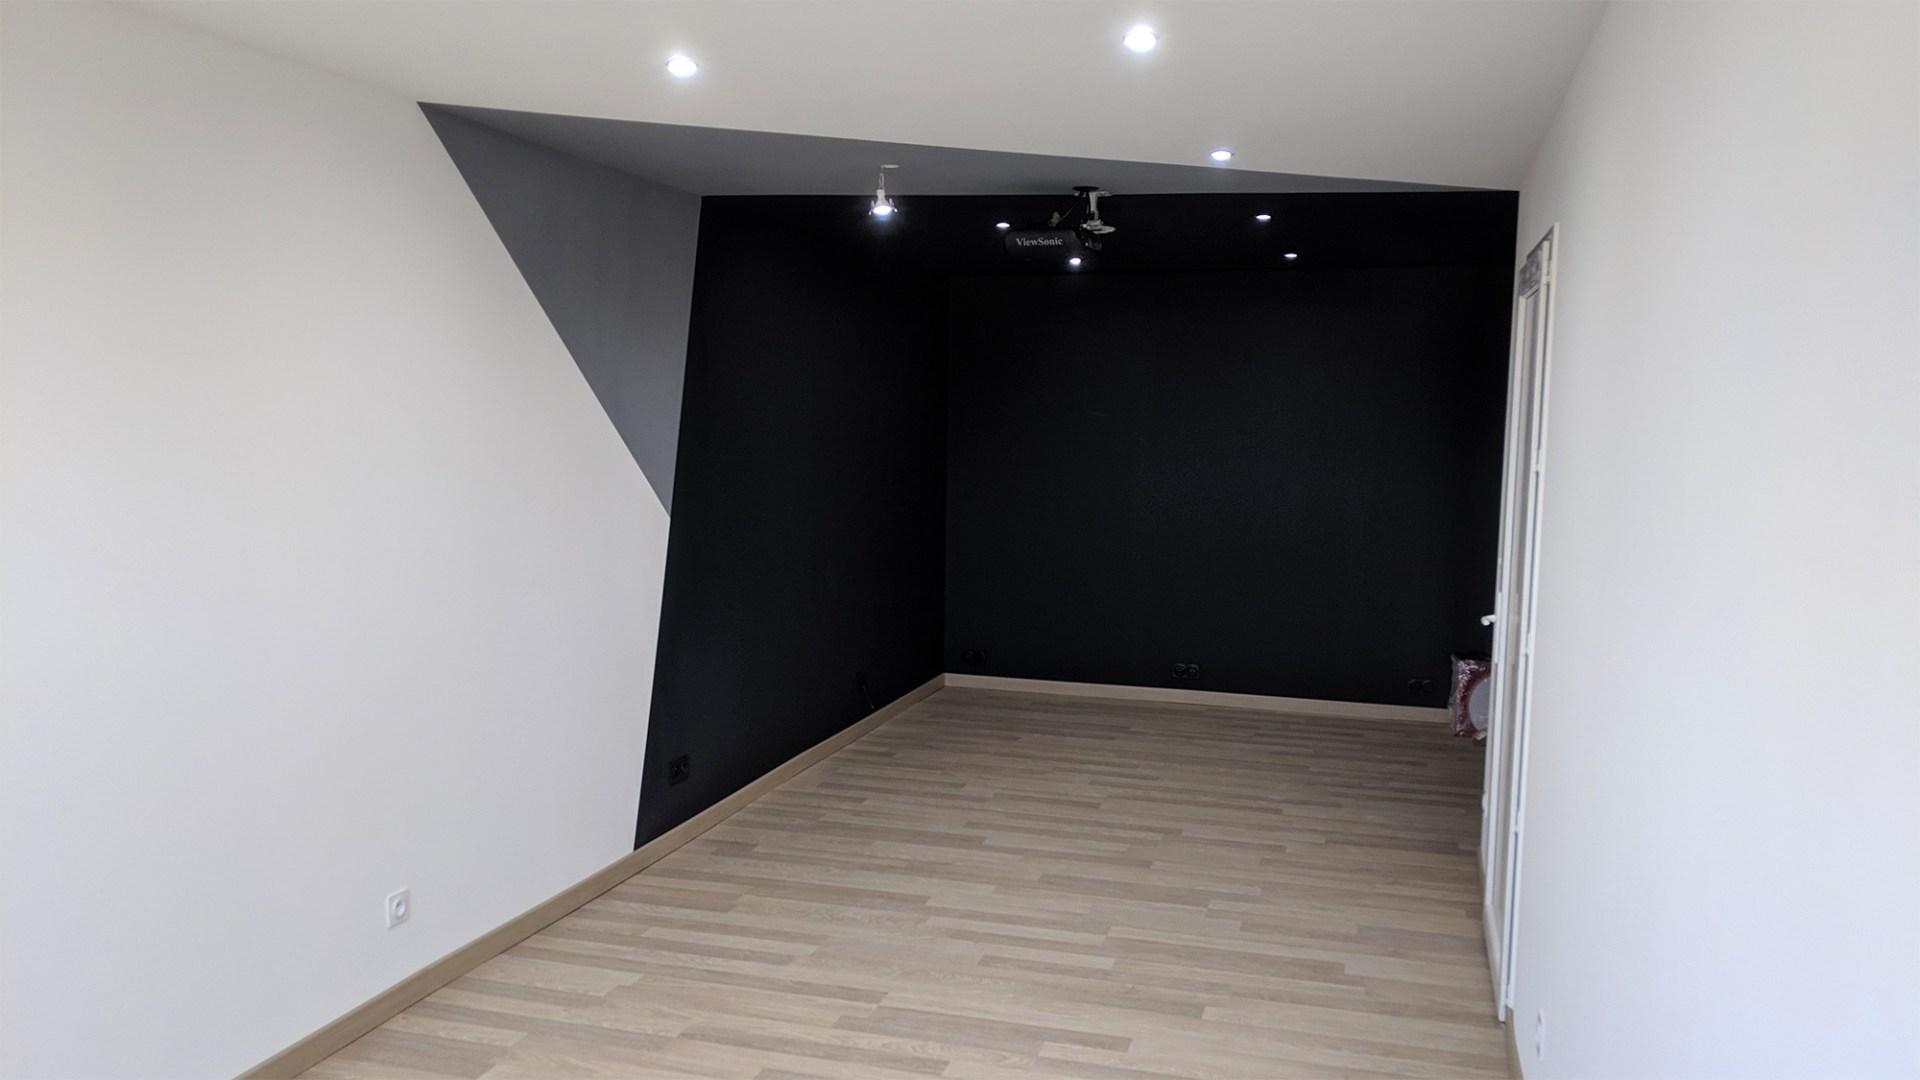 Peinture Pour Ecran Retroprojecteur média room/gaming room #2 : mur, peinture et sol - paduction